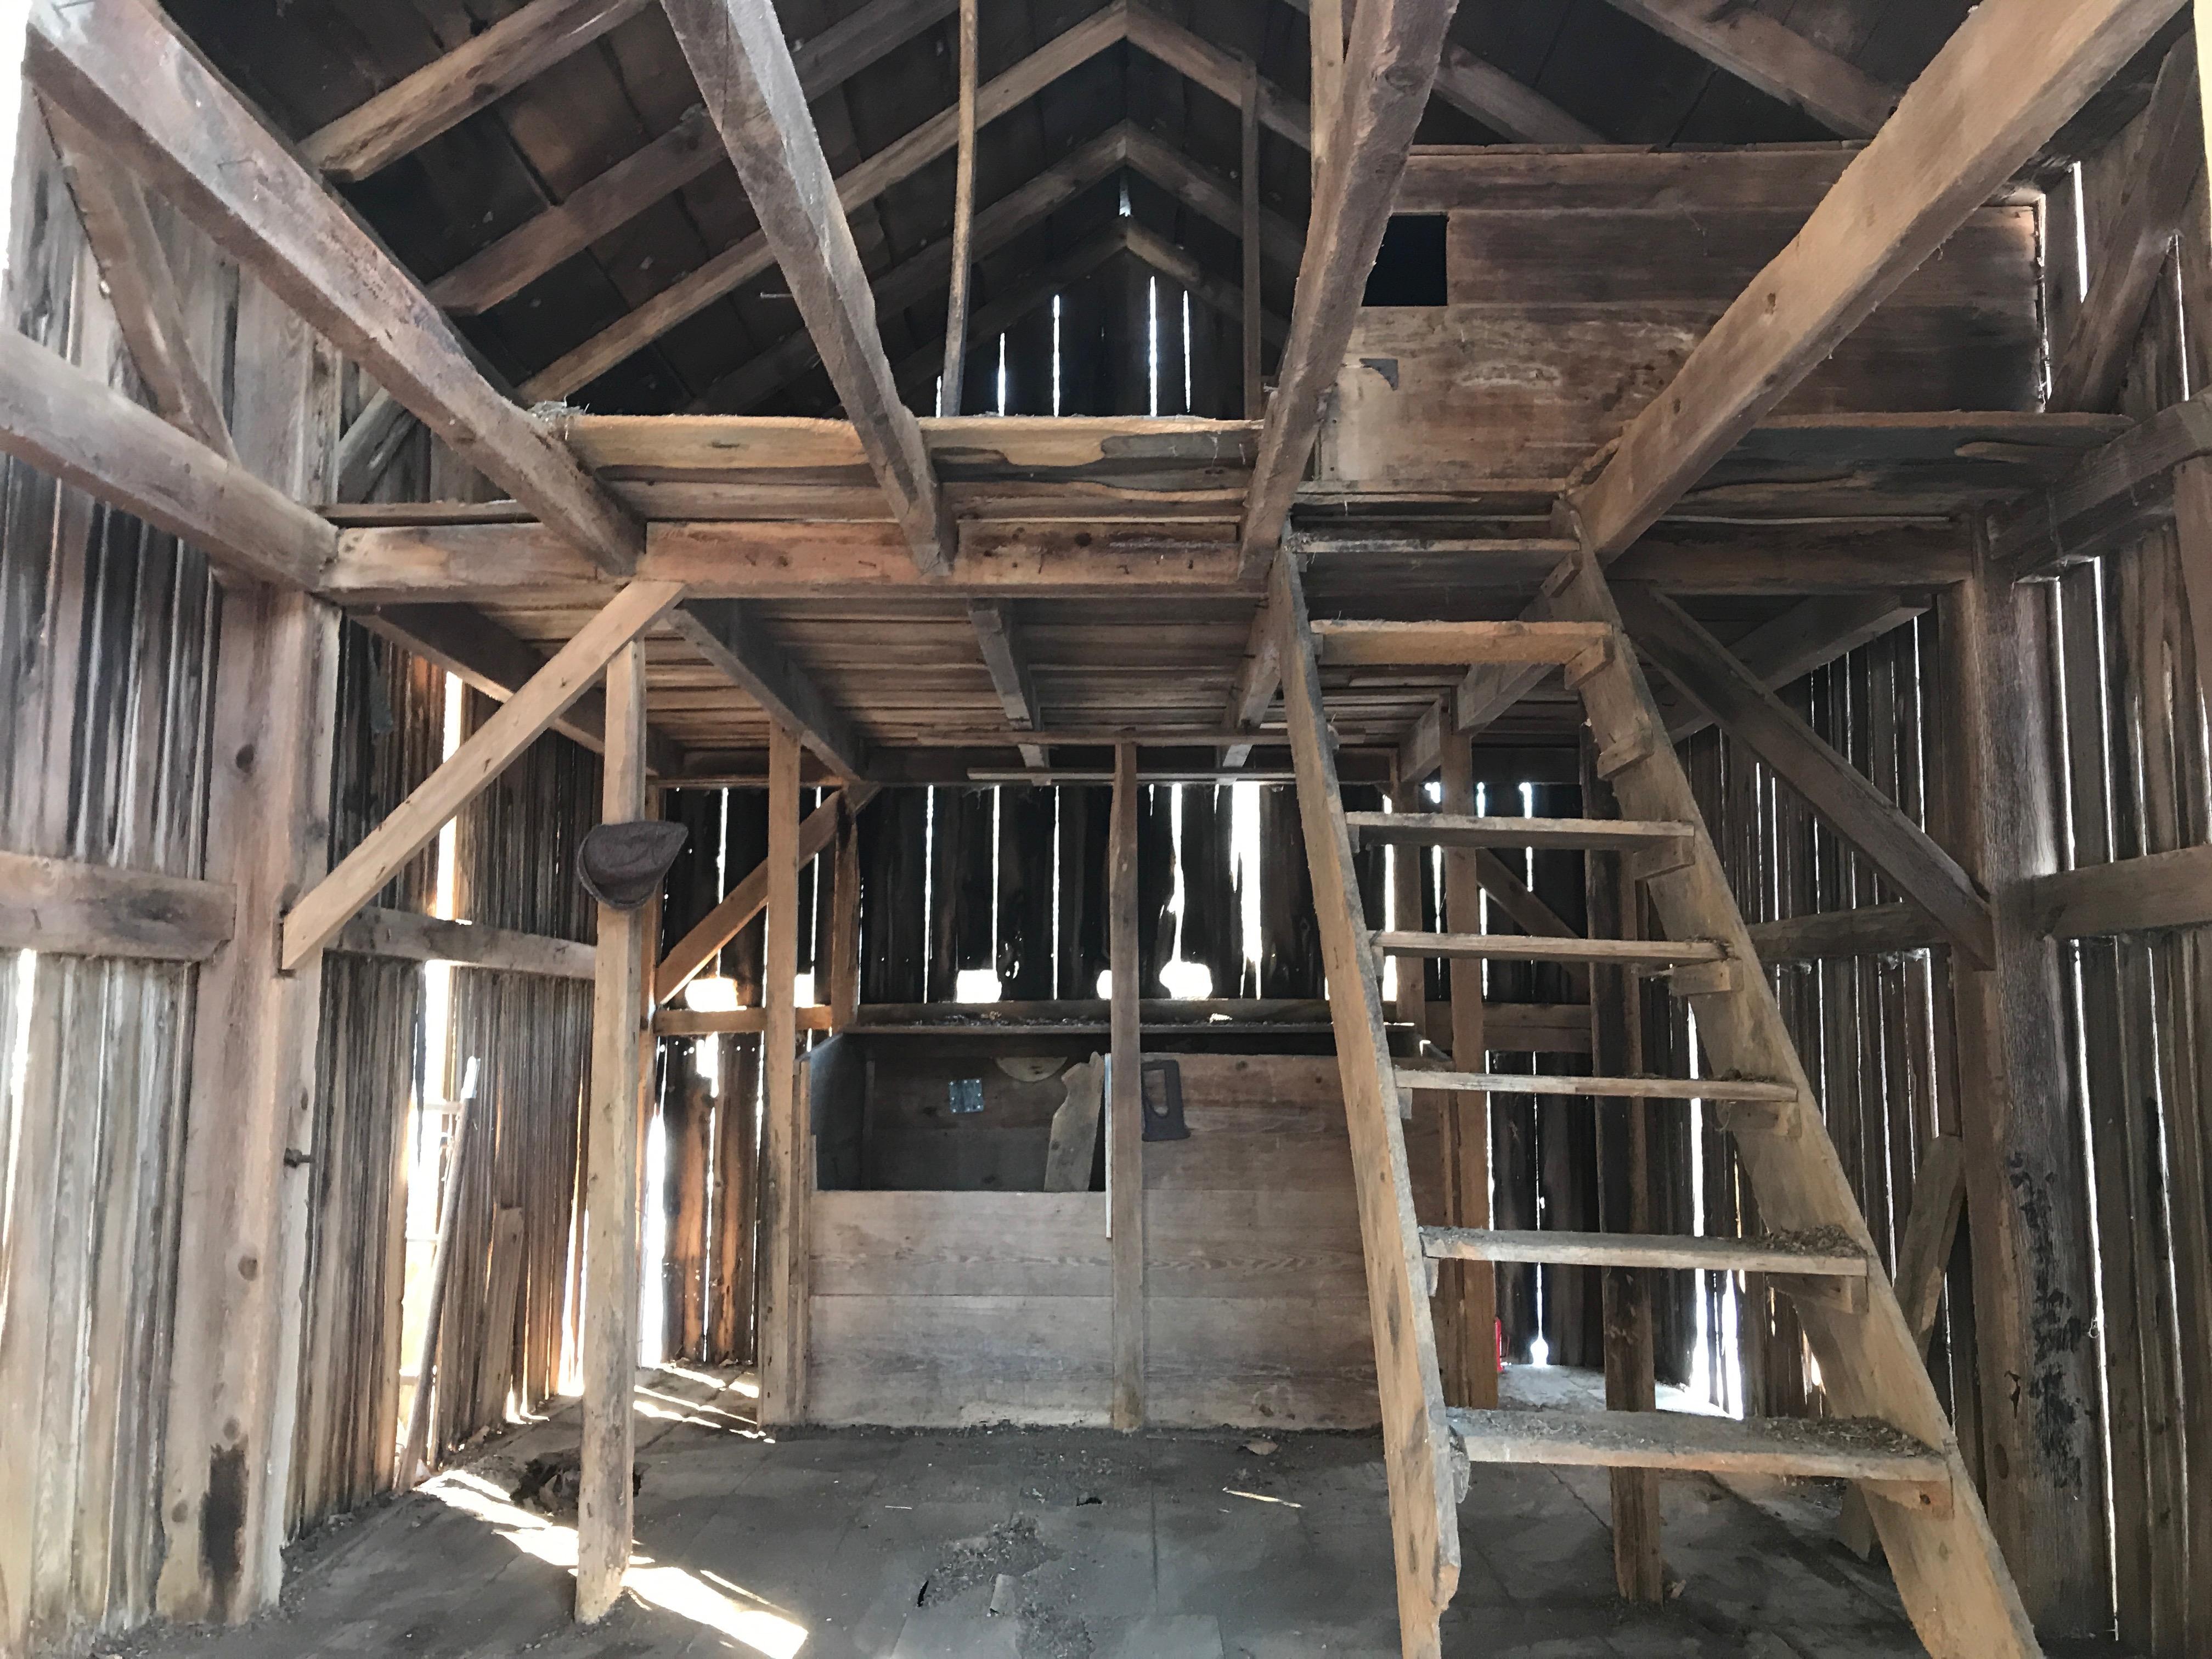 Interior photo of trapper's cabin vintage corn crib